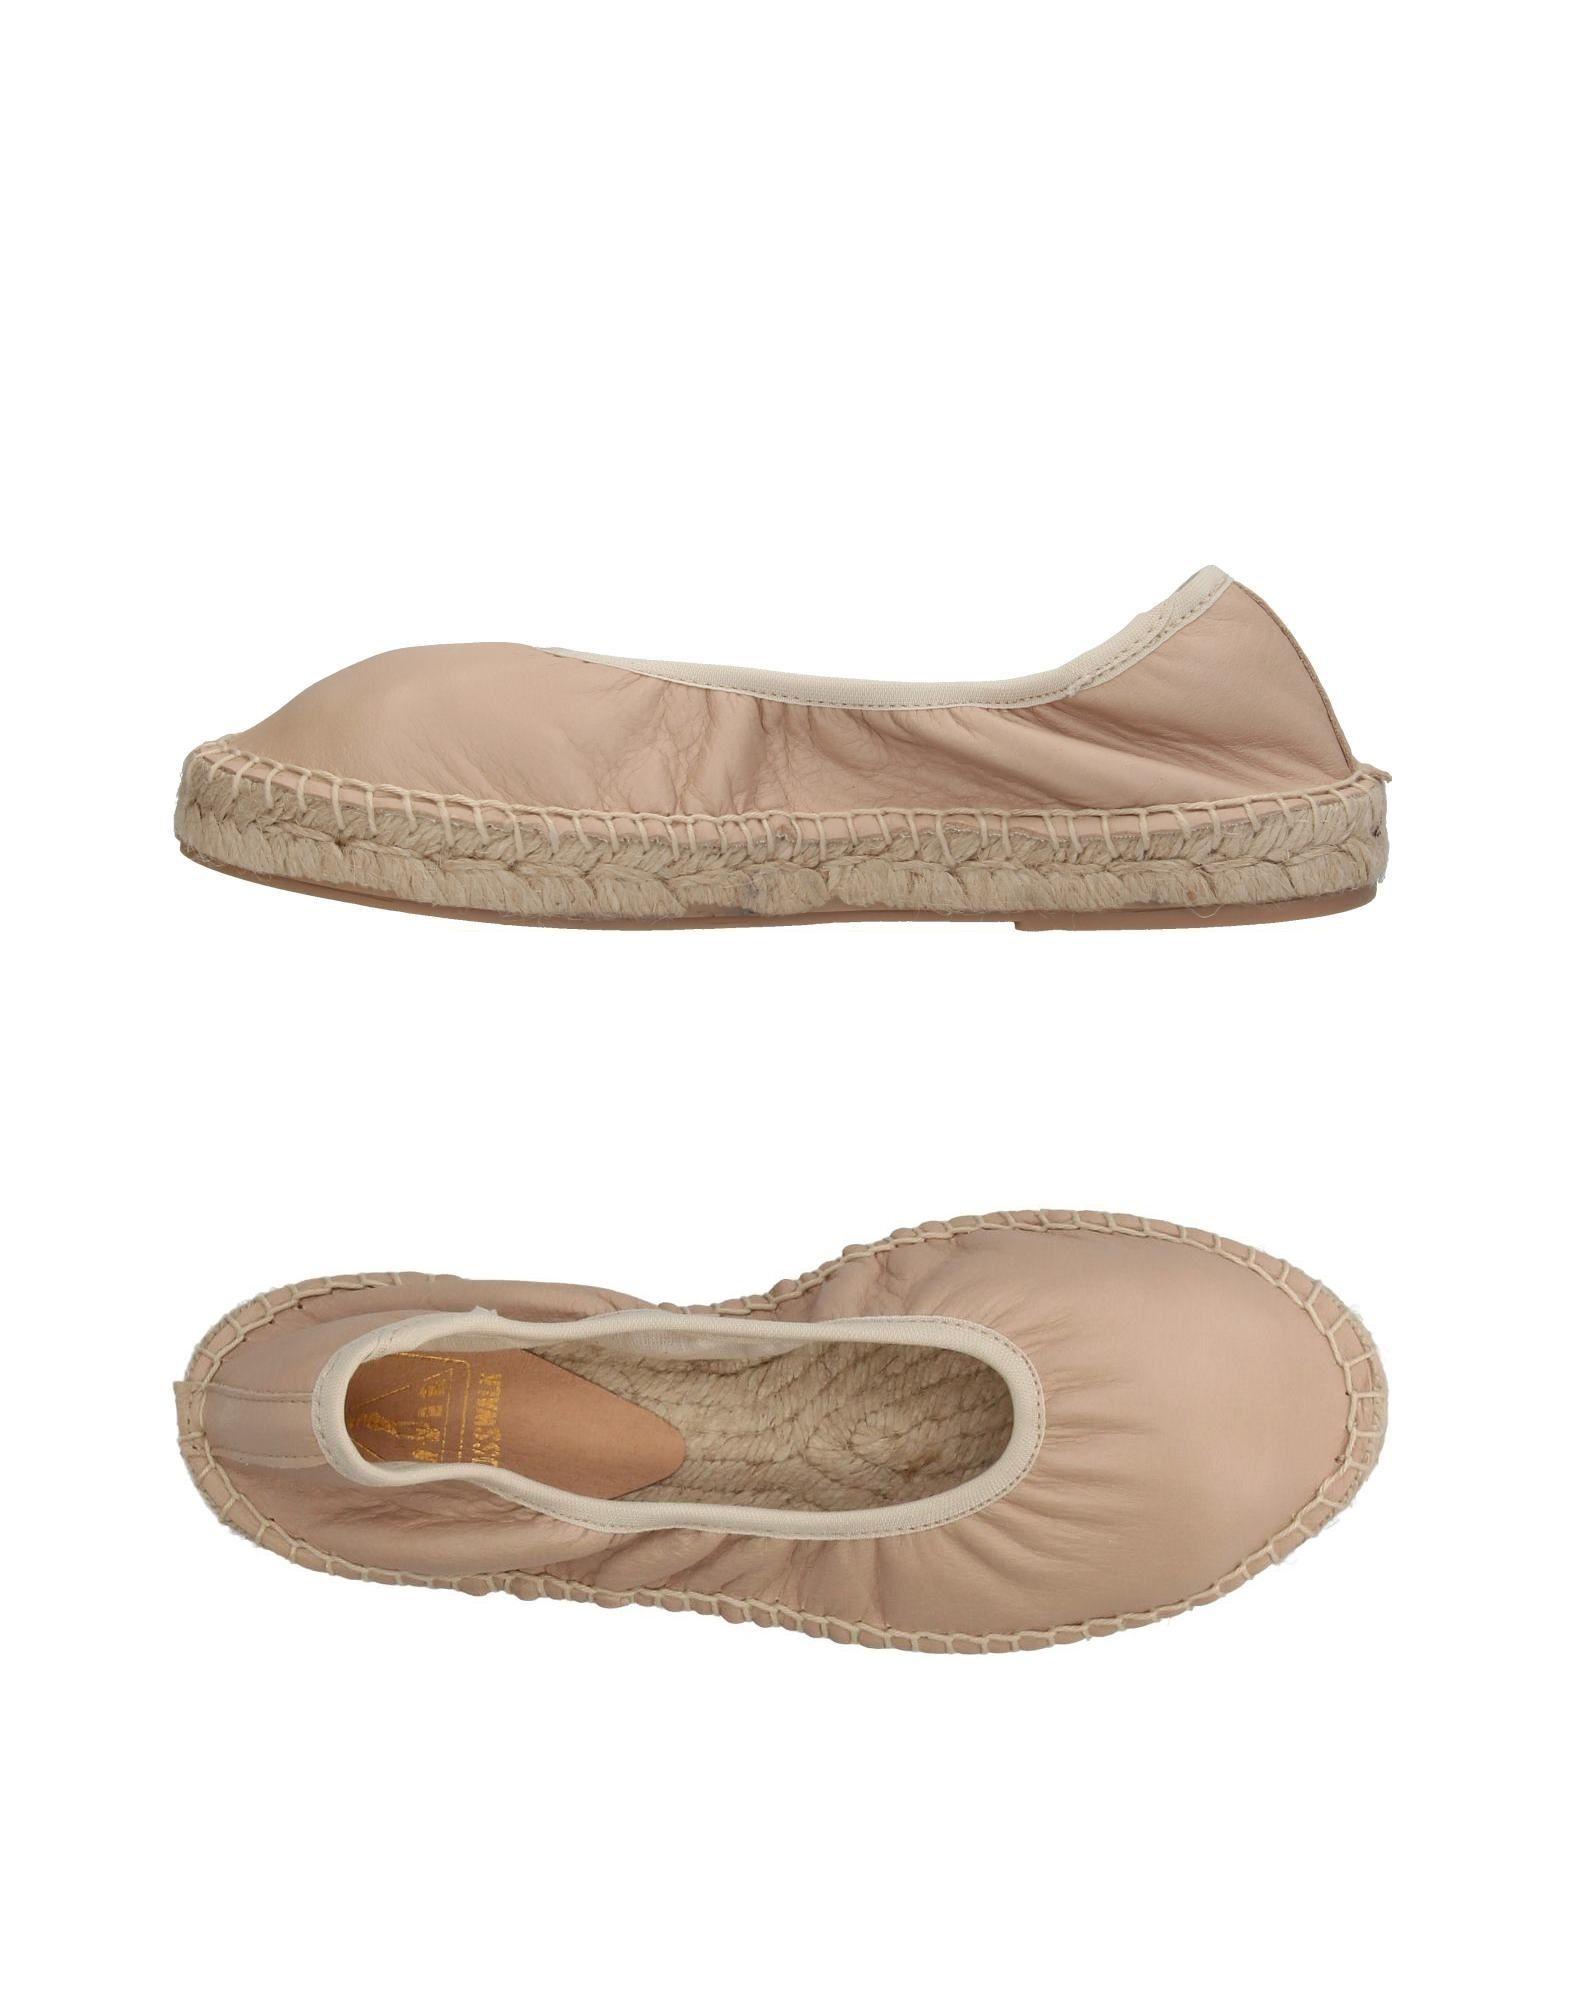 CROSS WALK Эспадрильи 2017 reflexology walk stone walk massager foot leg pain relieve relief mat health care acupressure mat pad massageador